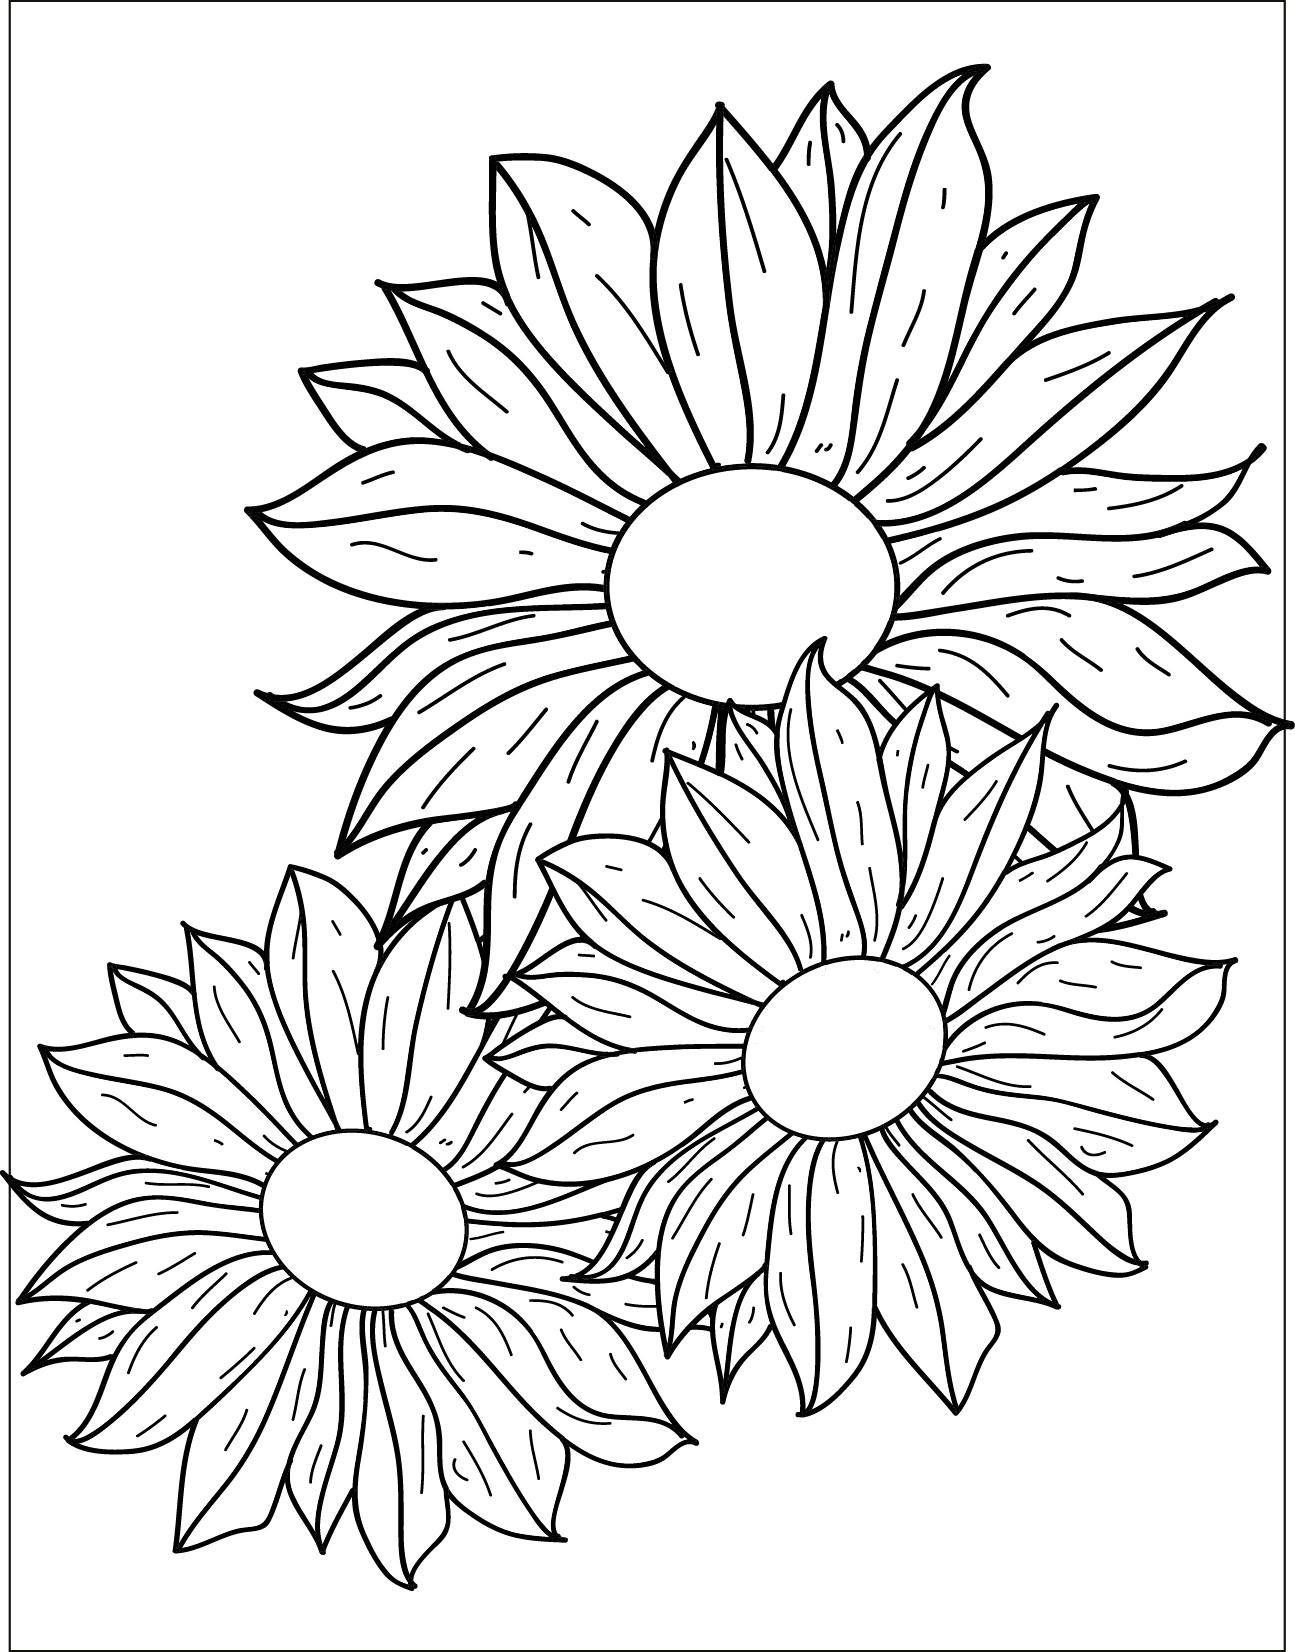 Coloriage gratuit fleurs marguerites - Fleur en coloriage ...